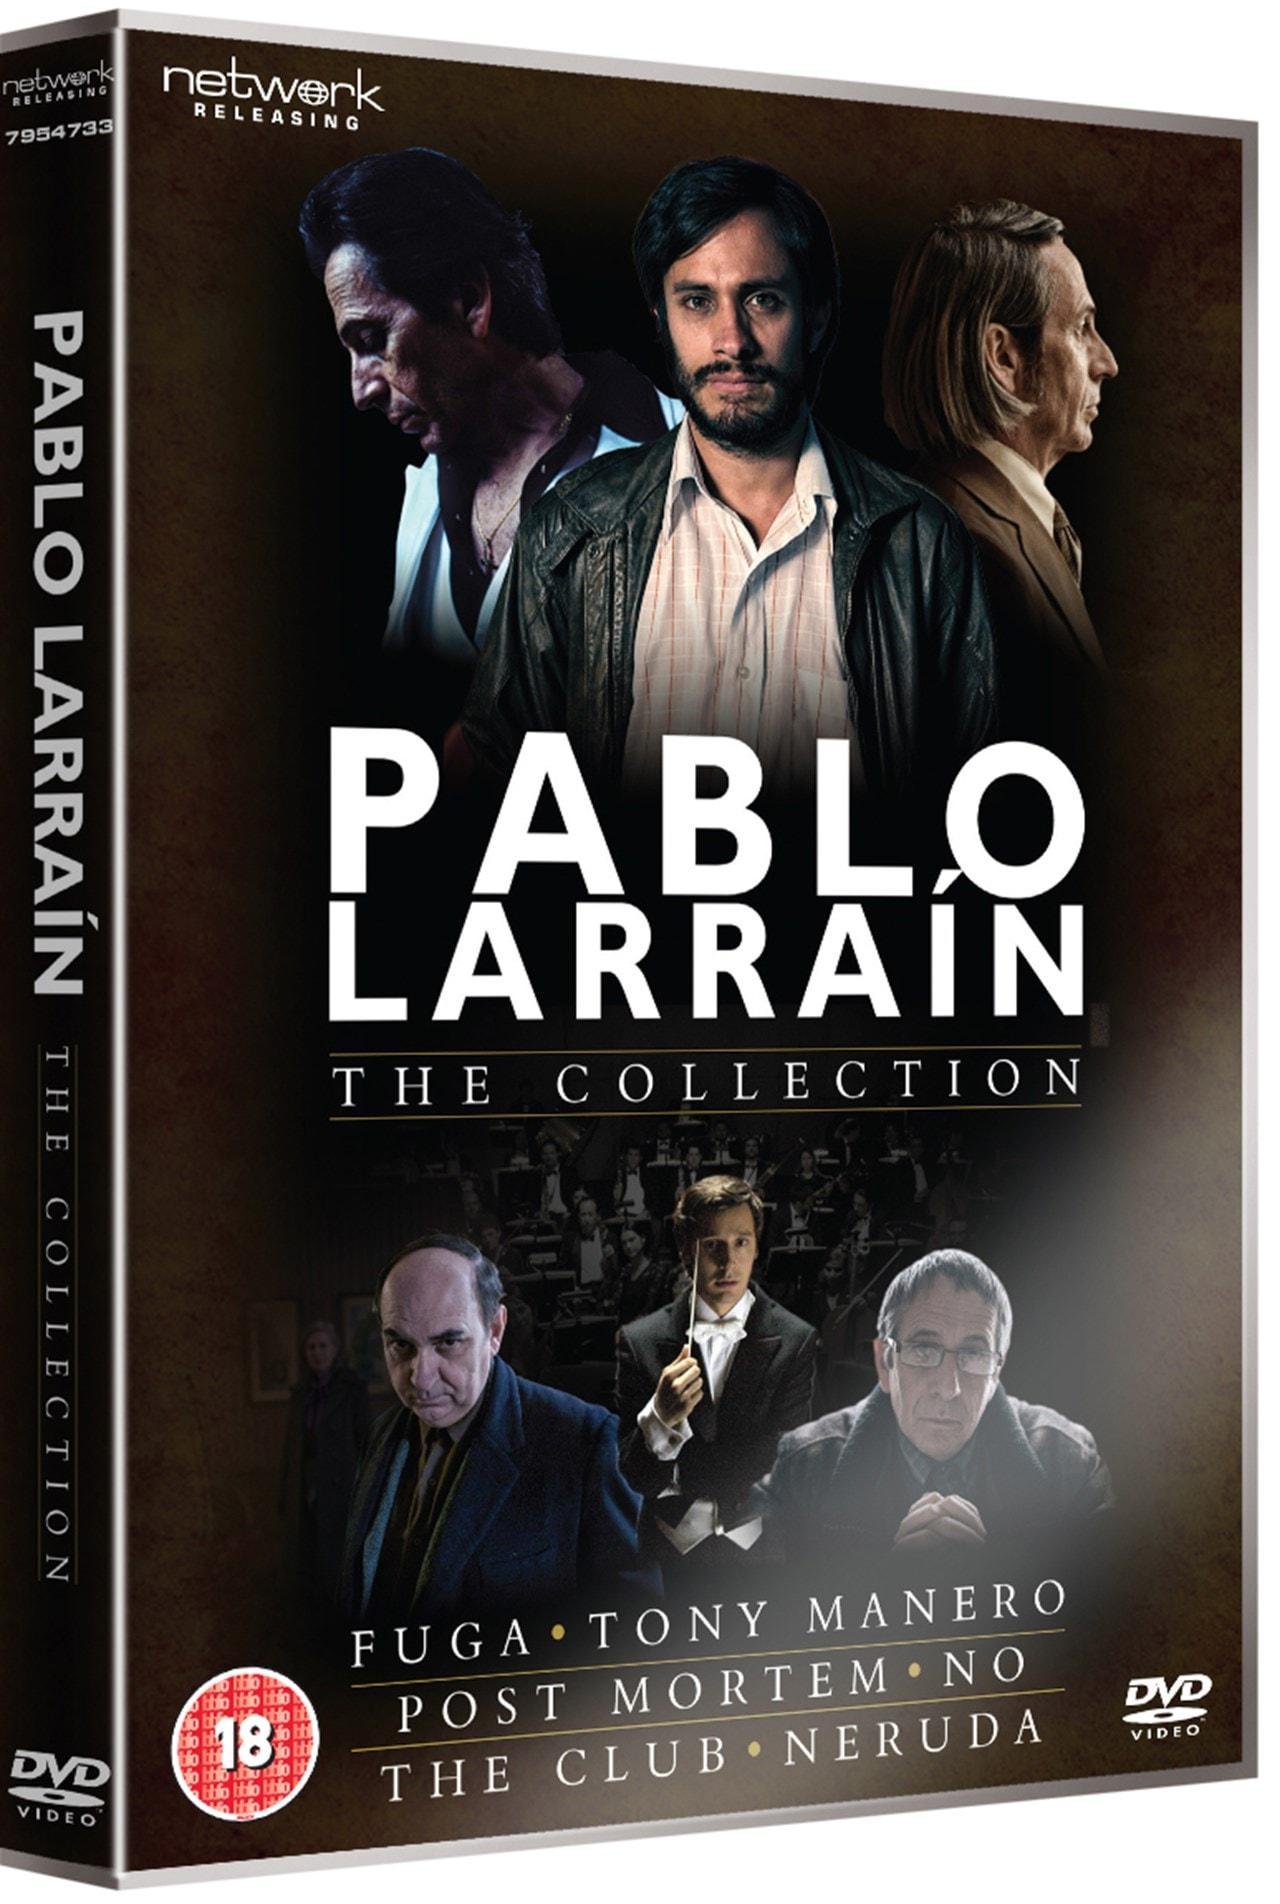 Pablo Larrain: The Collection - 2